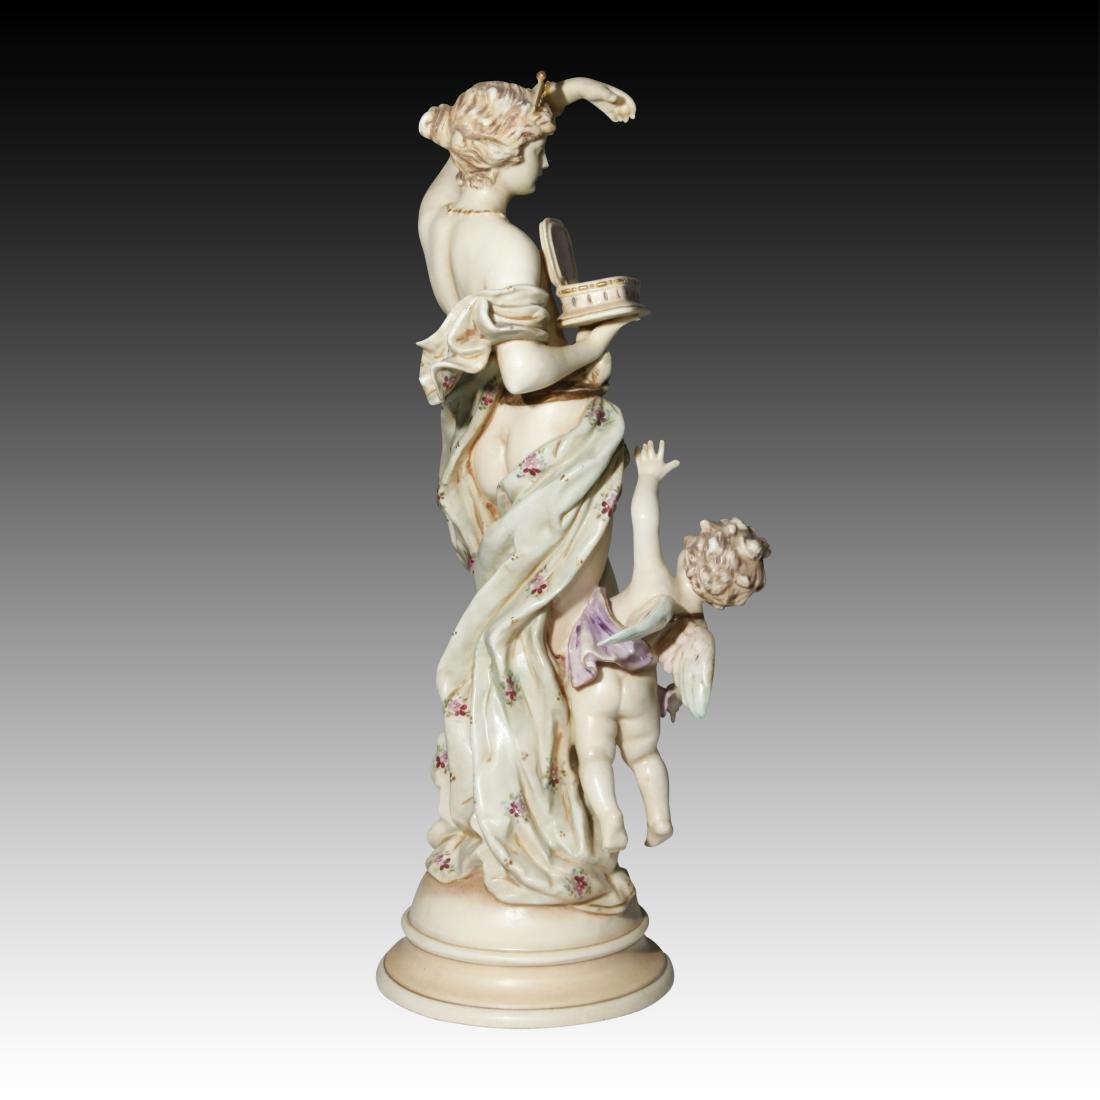 Wein Nude Goddess Figurine with Cherub - 3